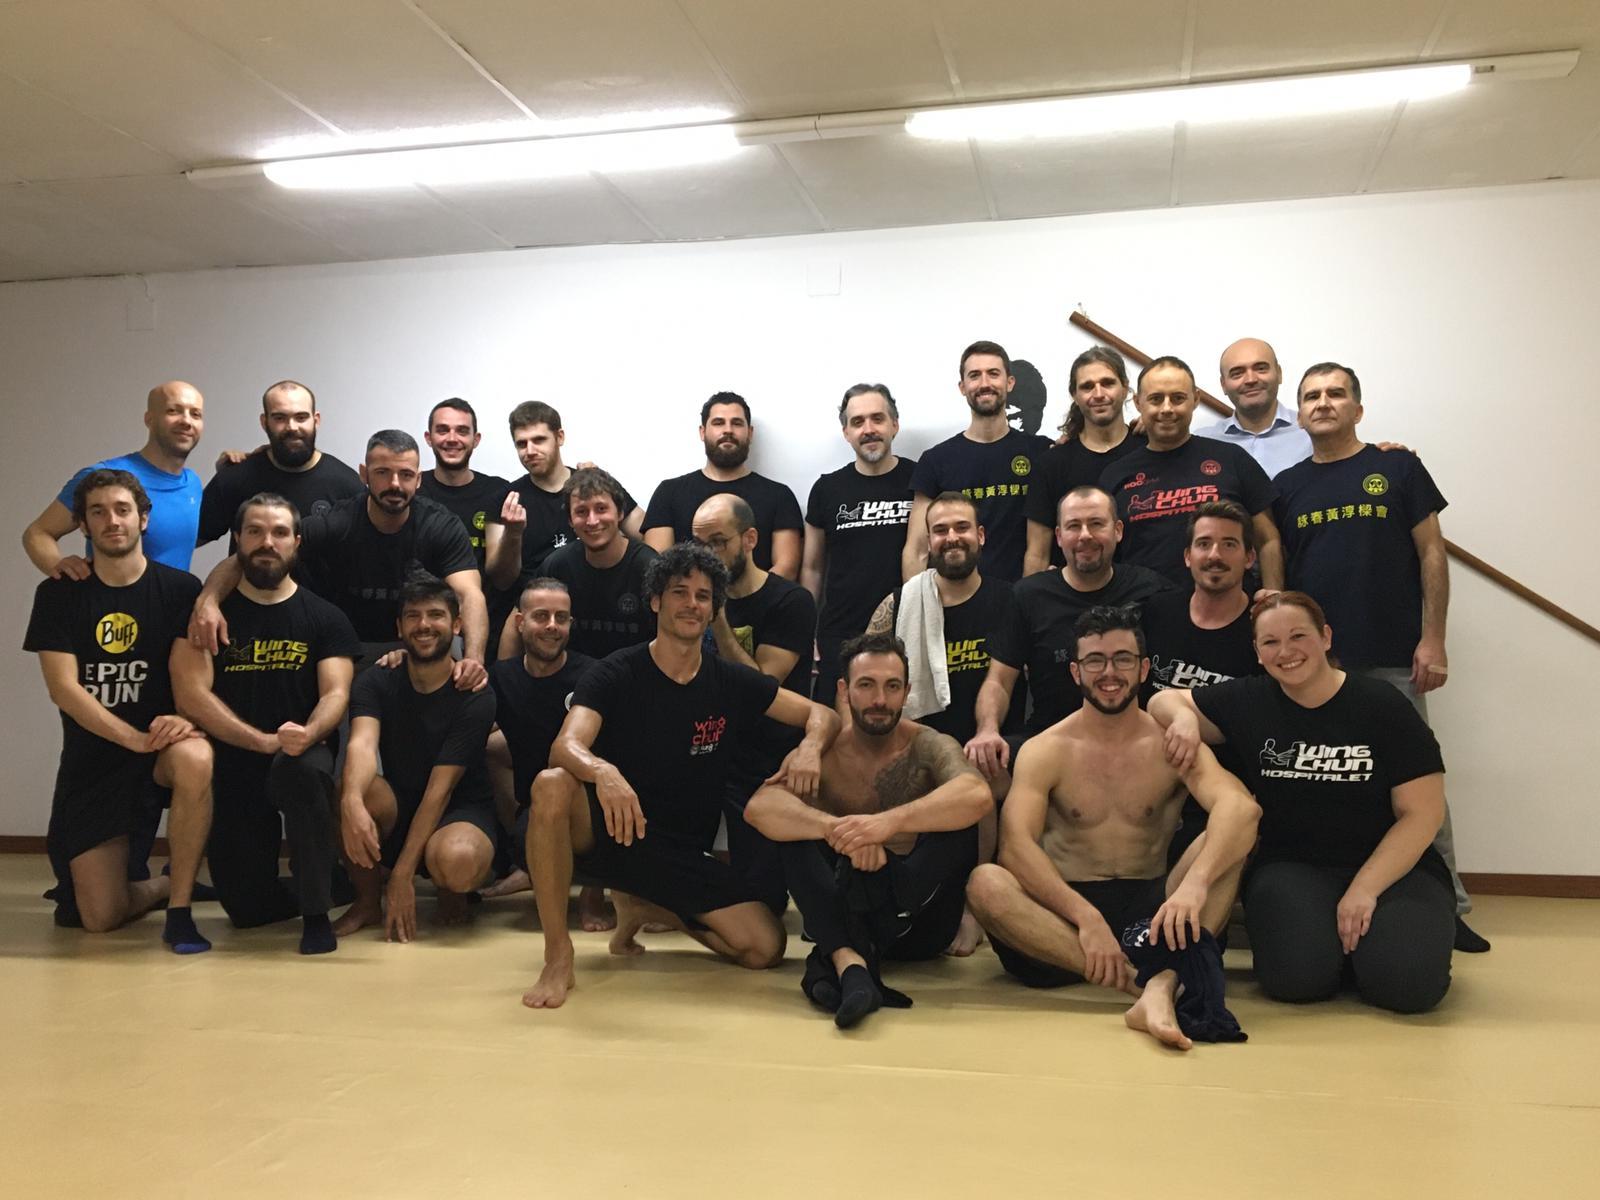 Foto de grupo entrenamiento kung fu sabadell